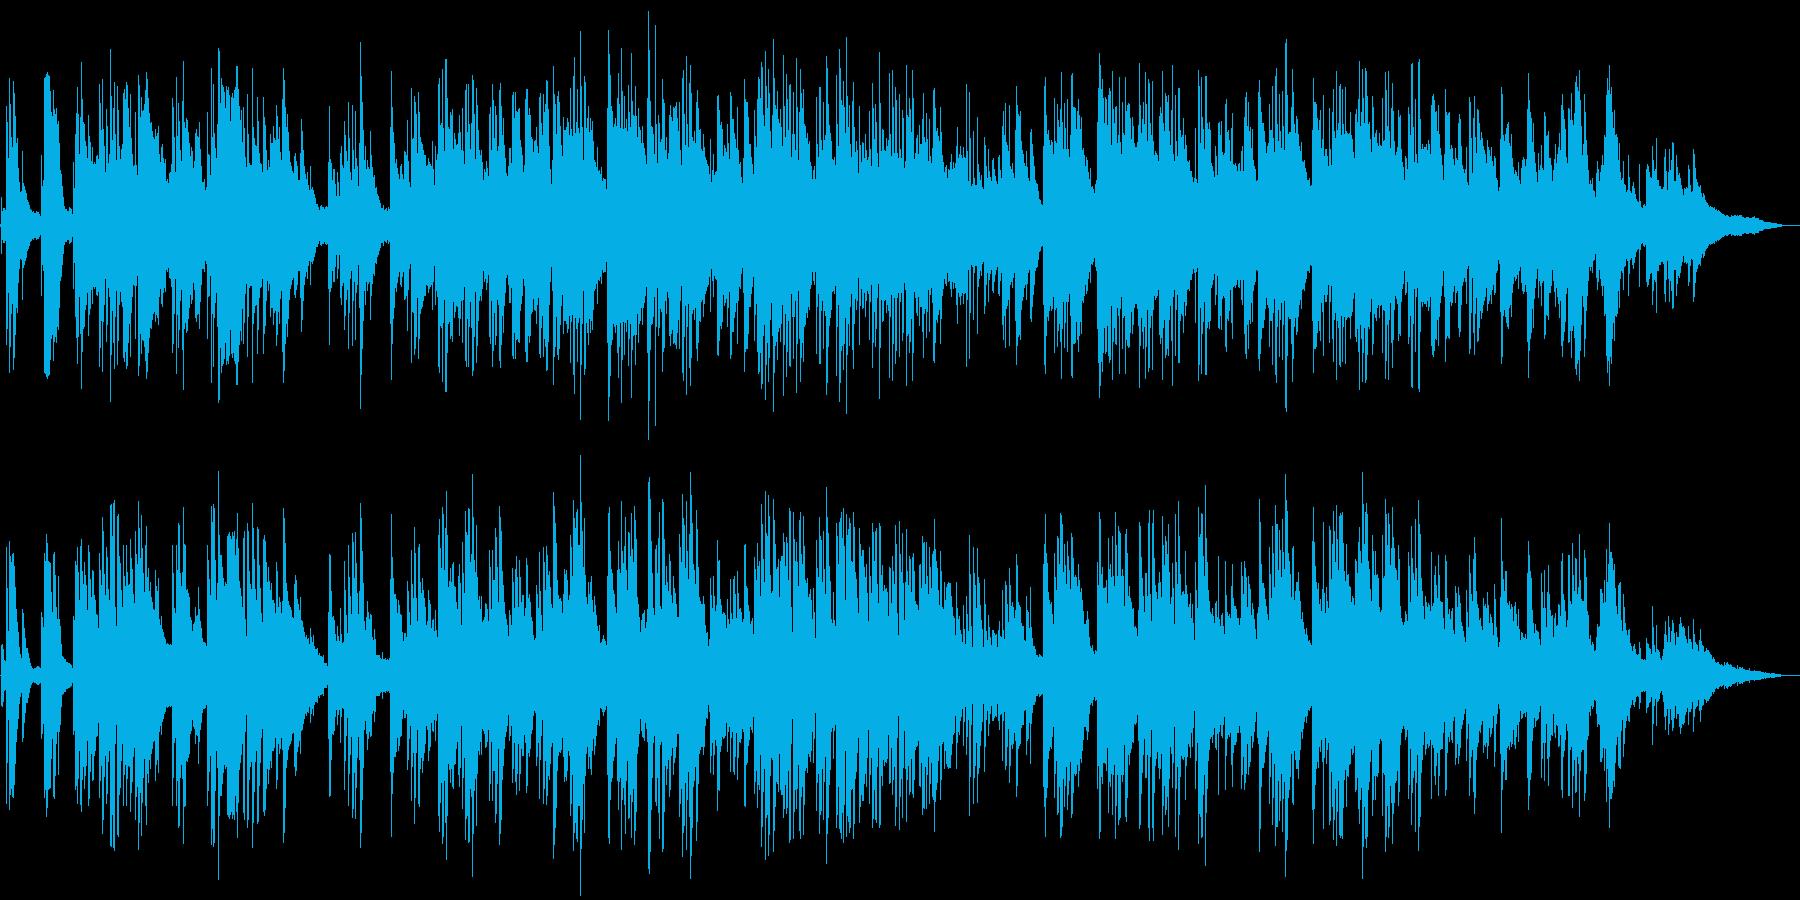 しっとり 感動的なピアノソロの再生済みの波形